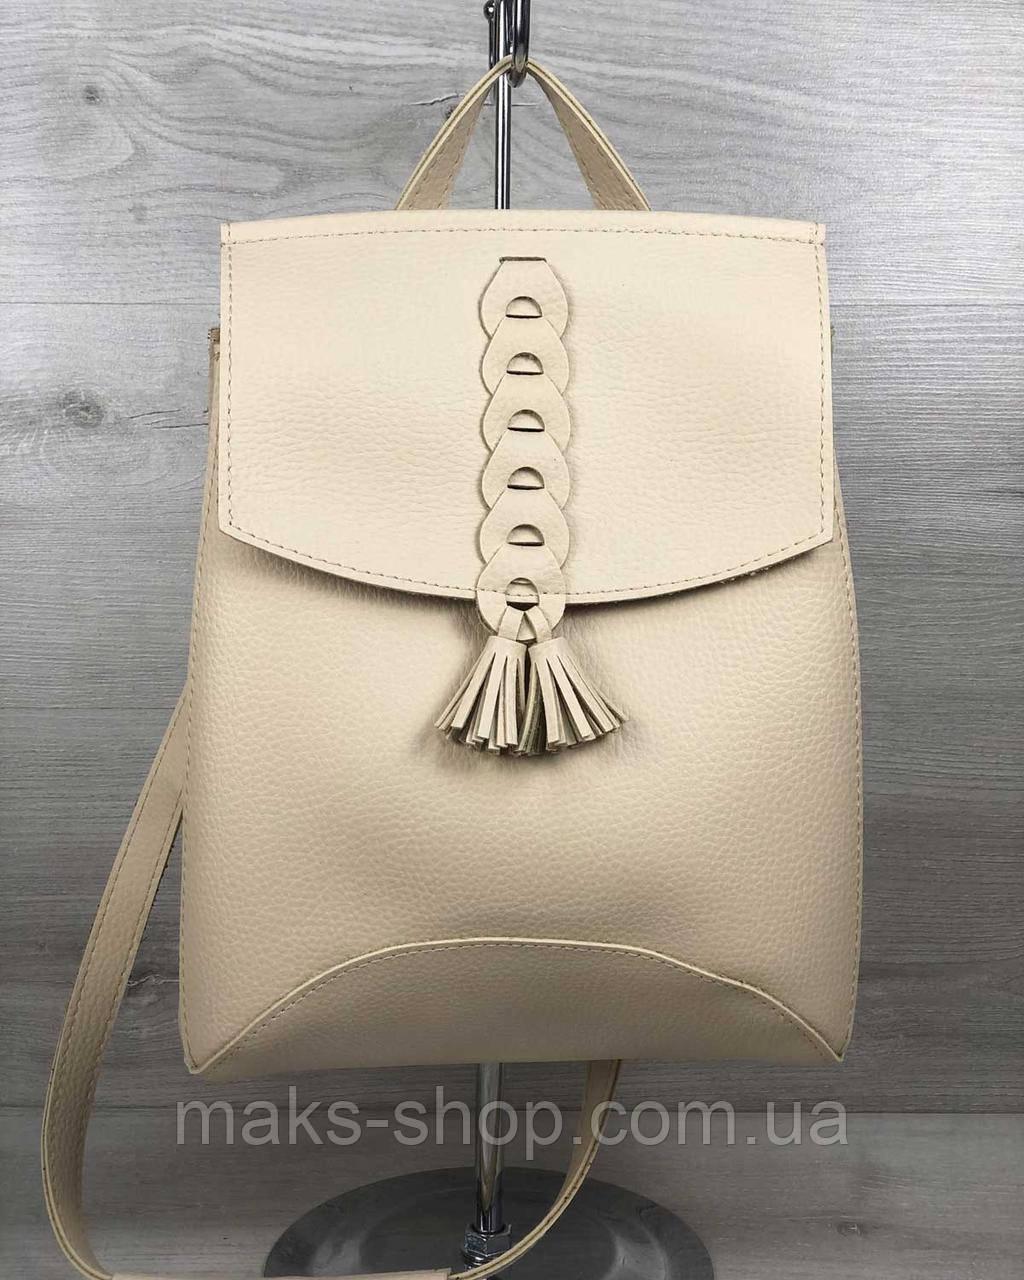 1b8b35d9450c Сумка-рюкзак с косичкой женская ,WeLassie - Maks Shop- надежный и  перспективный интернет